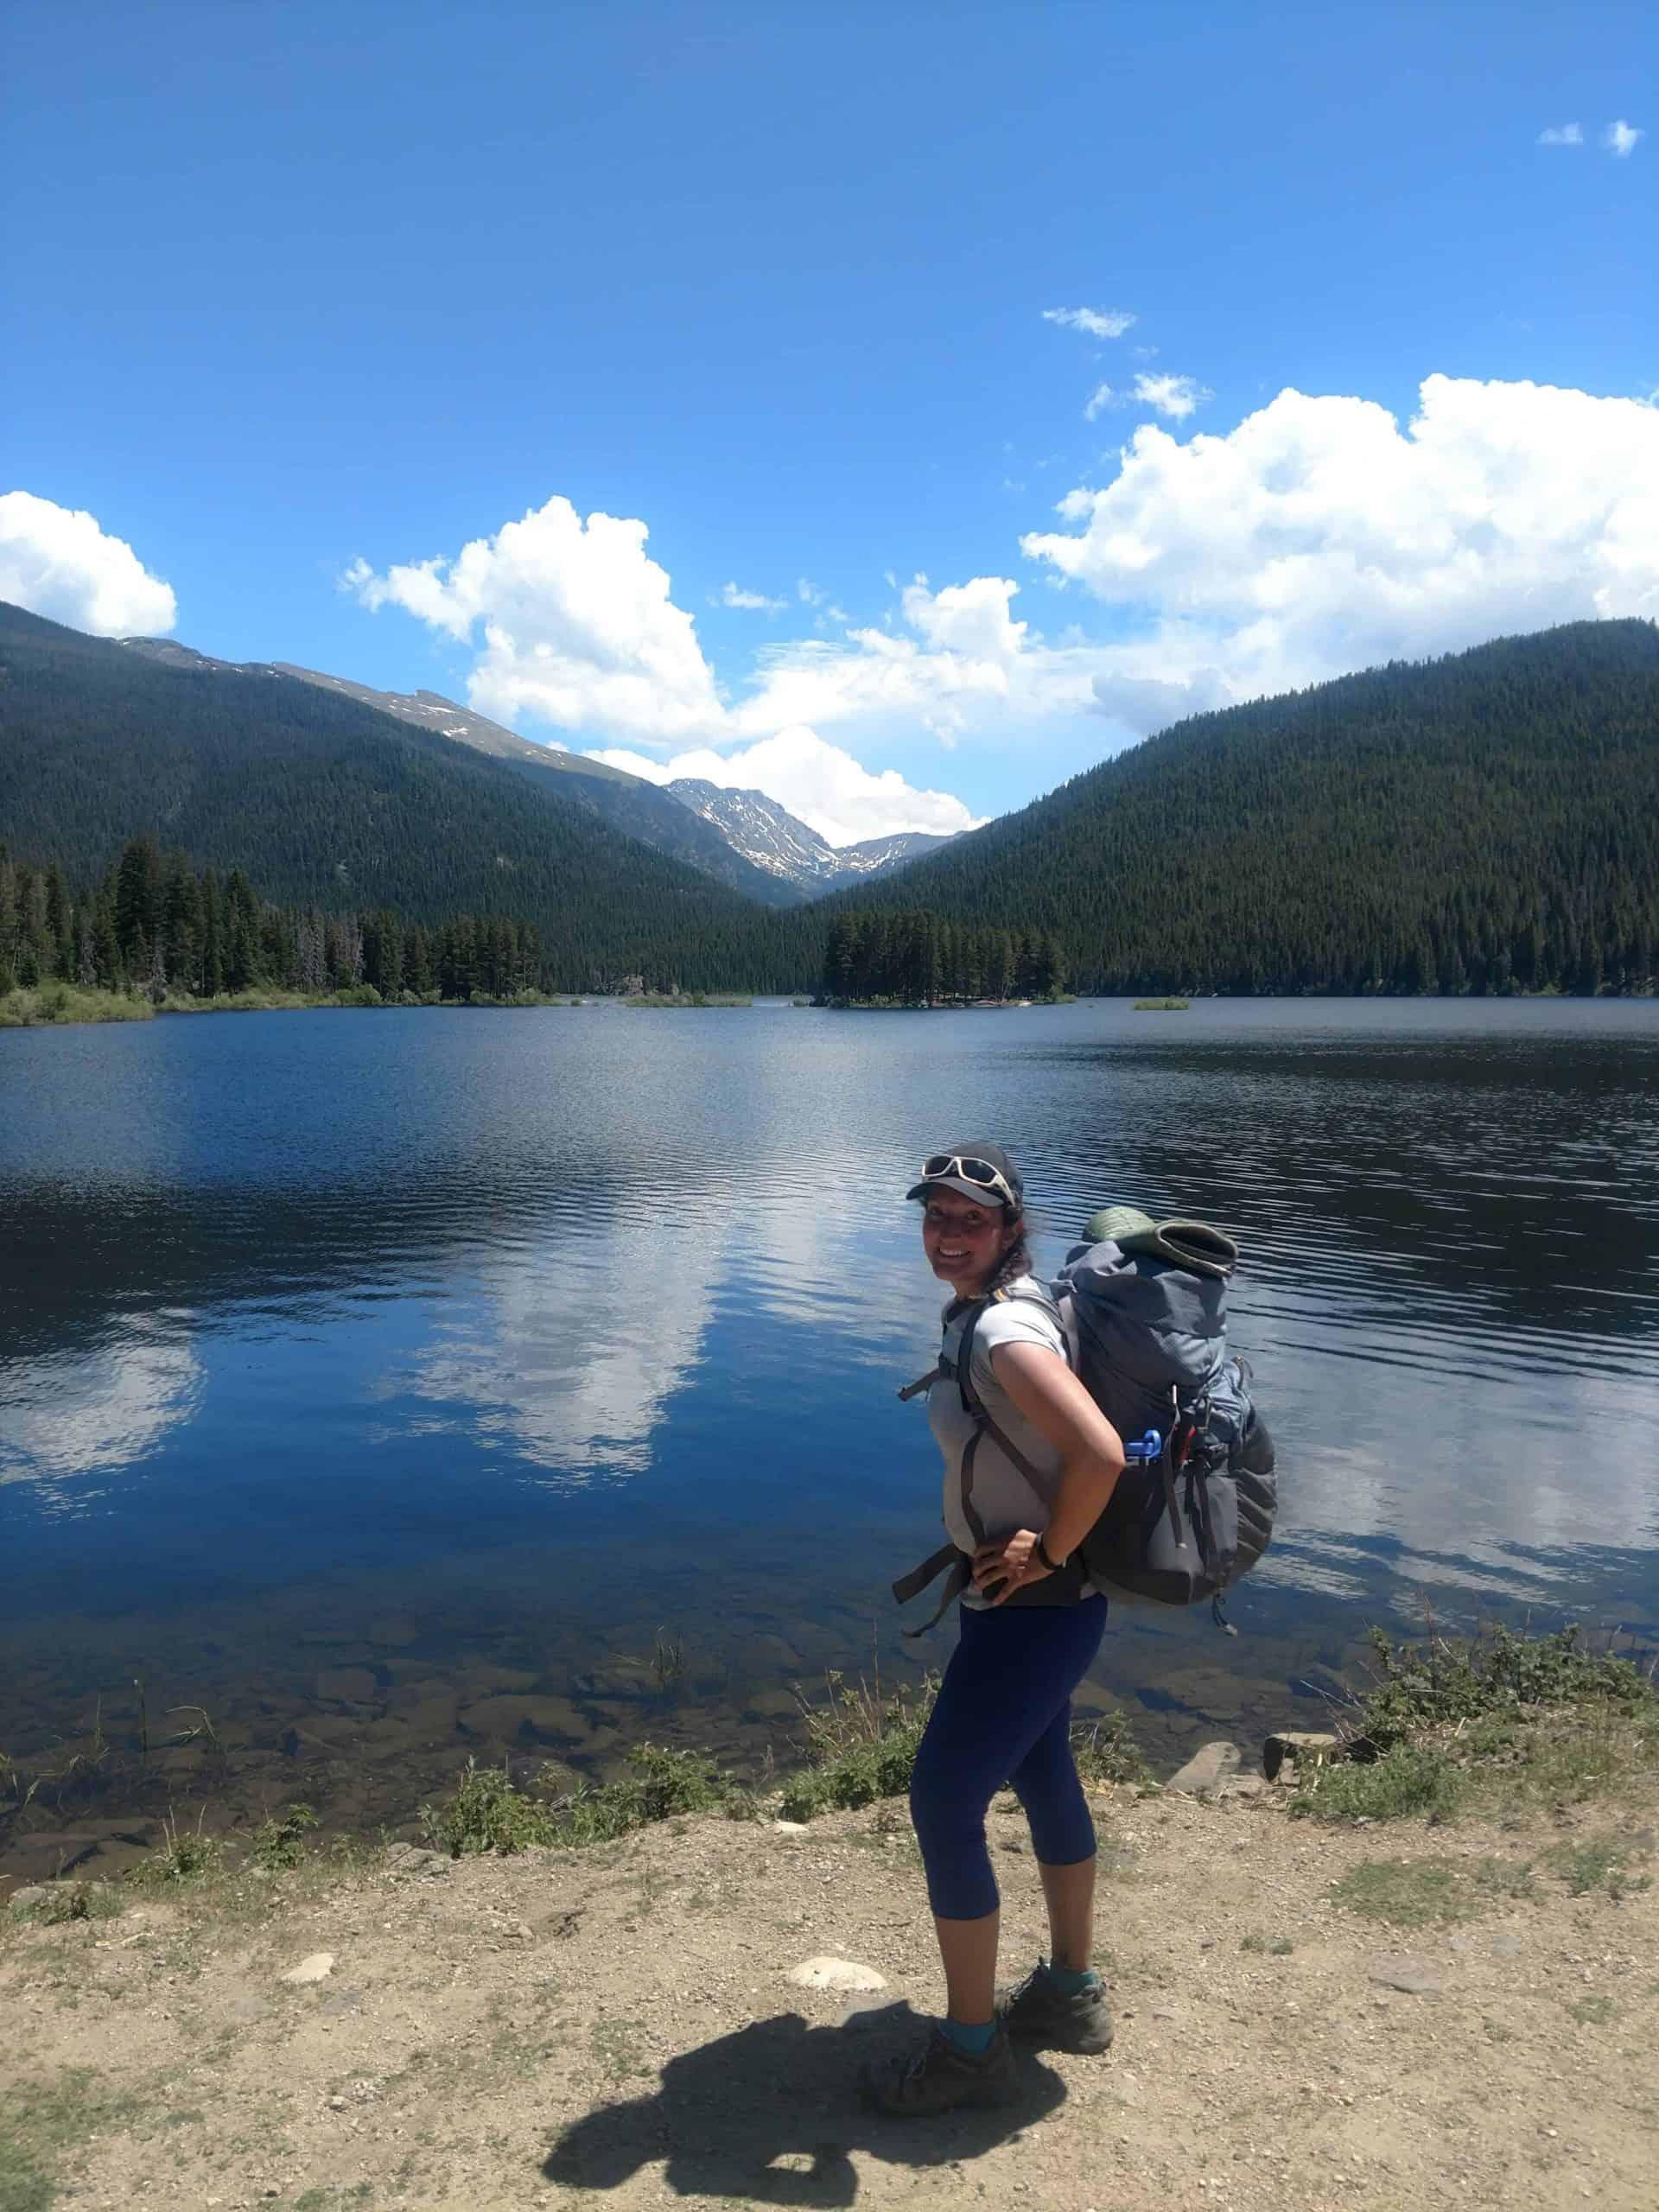 keto diet hiking appalachain trail